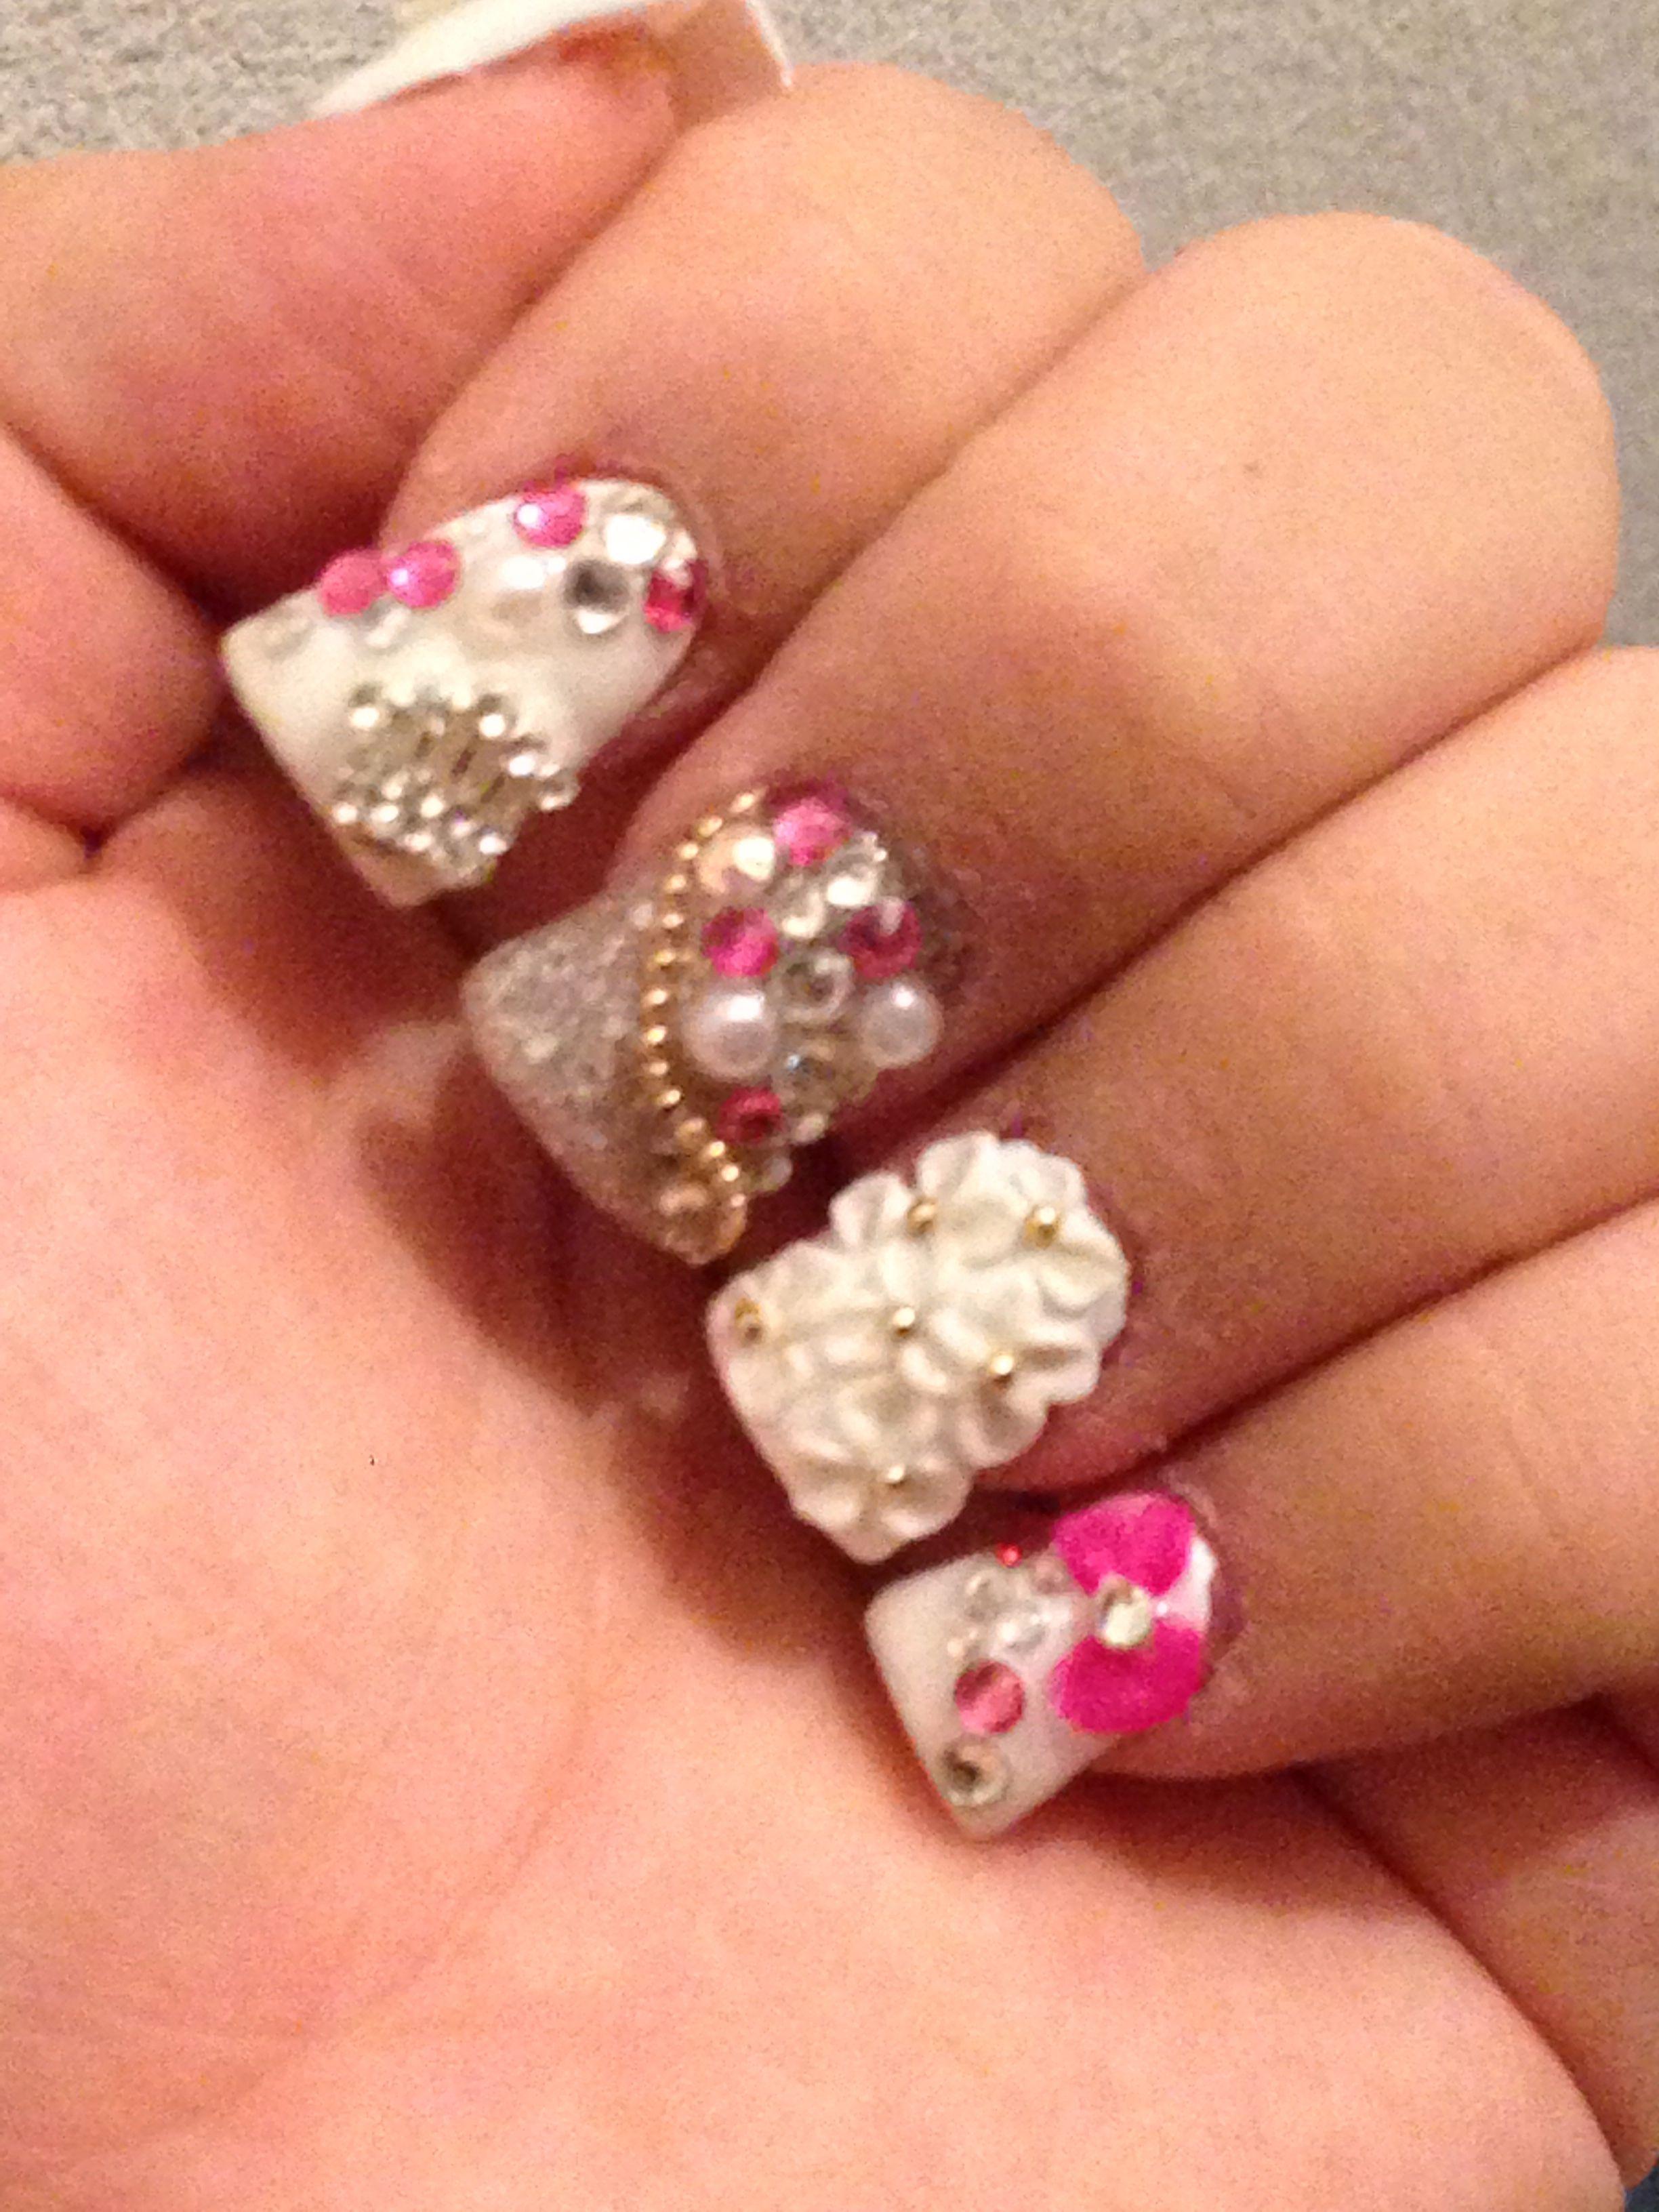 c2b270b76bf1 3D acrylic nail designs